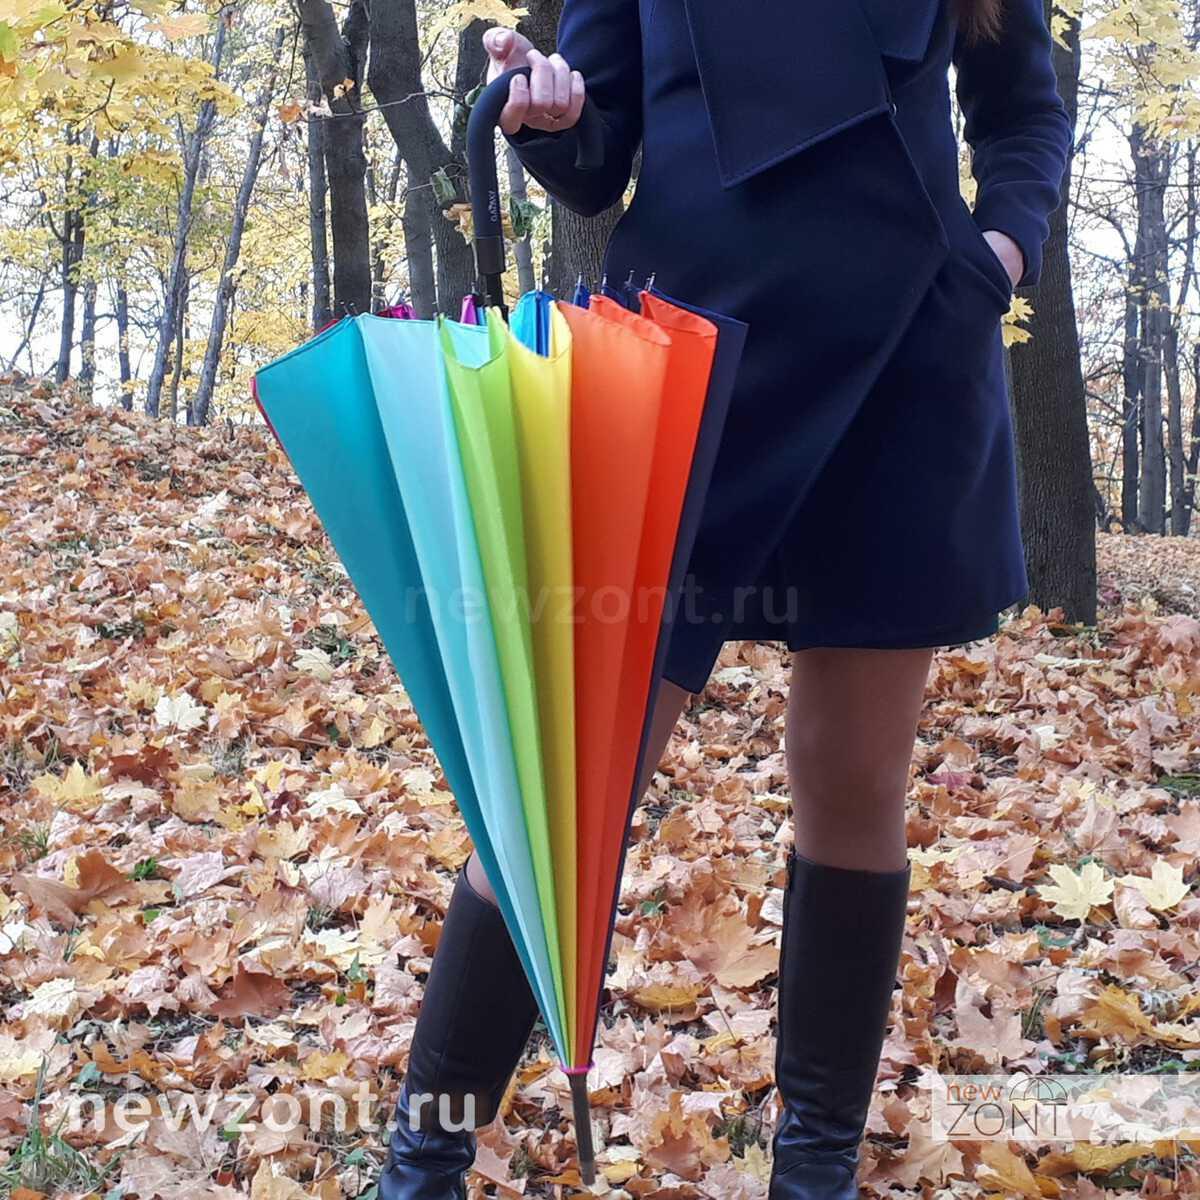 Радужный зонт 16 цветов радуги